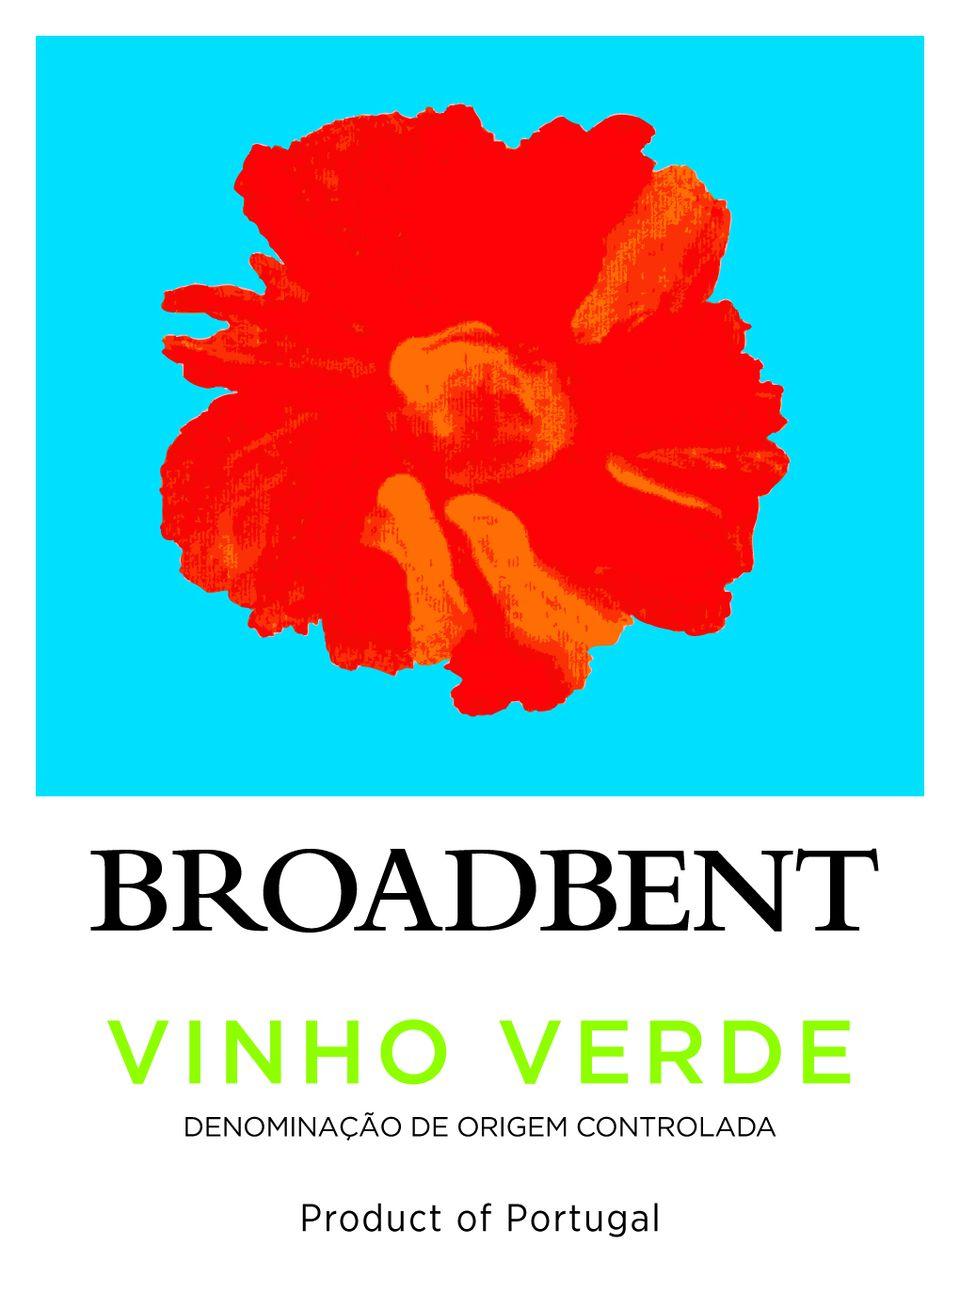 A Broadbent Vinho Verde